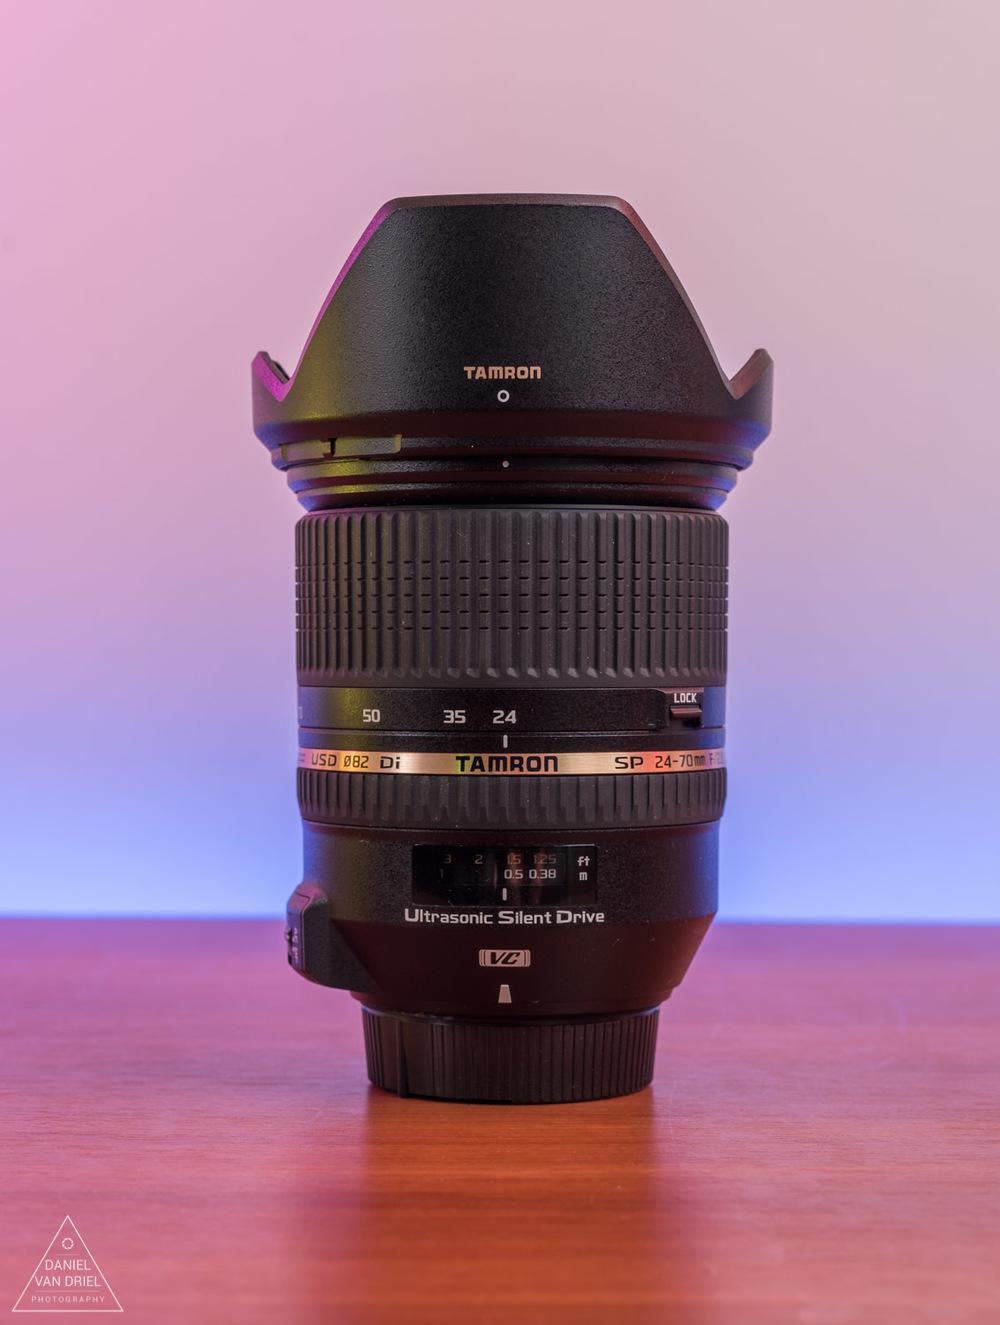 Lens at 24mm